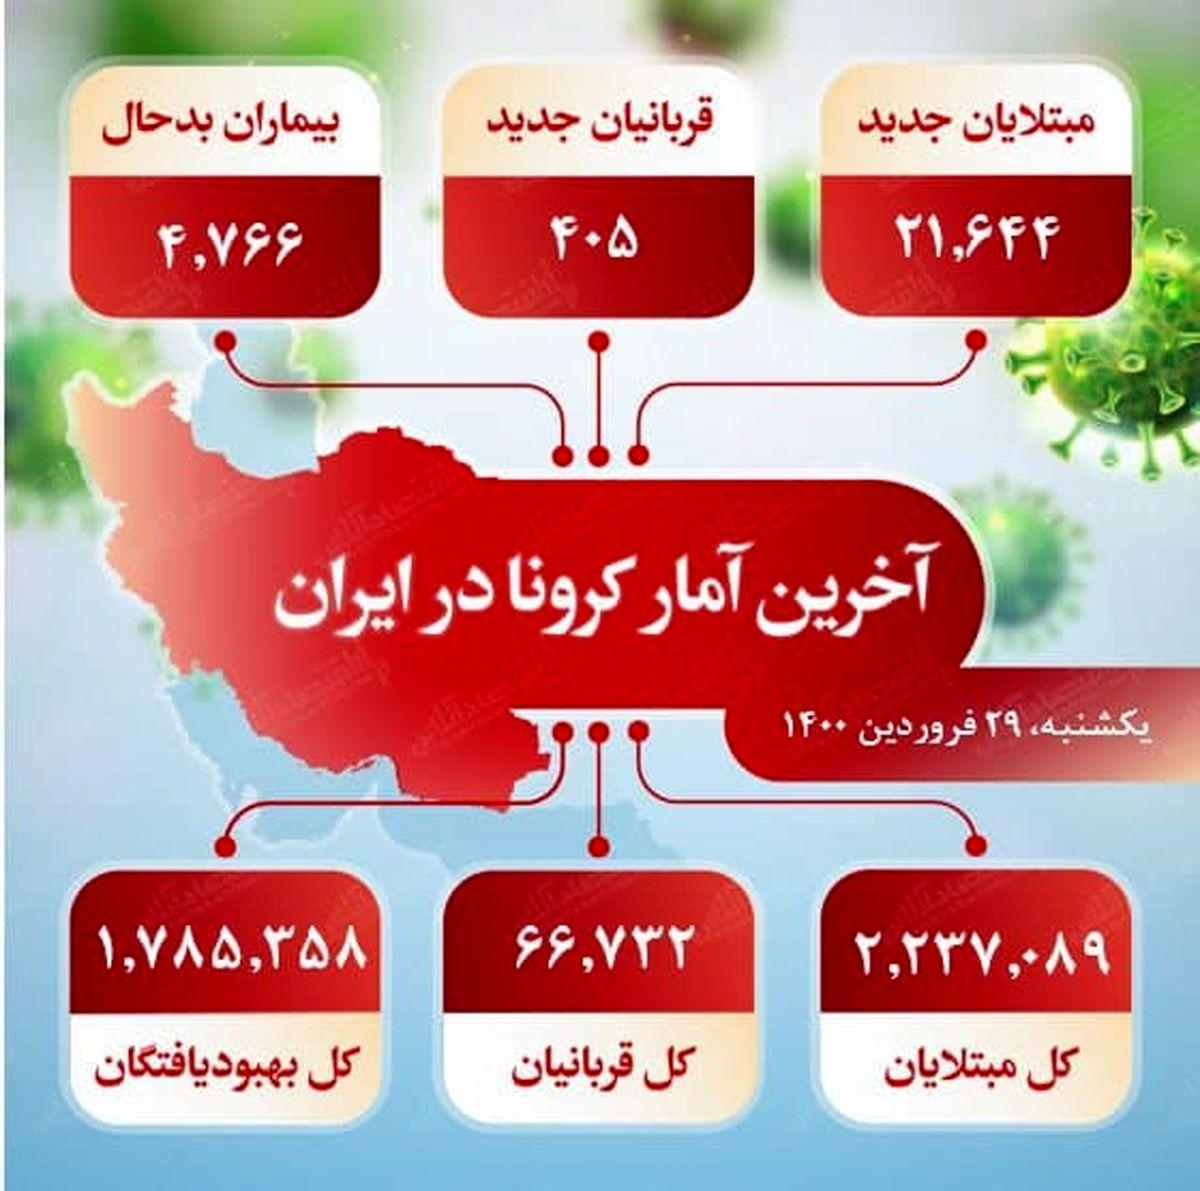 آخرین آمار کرونا در ایران (۱۴۰۰/۱/۲۹)